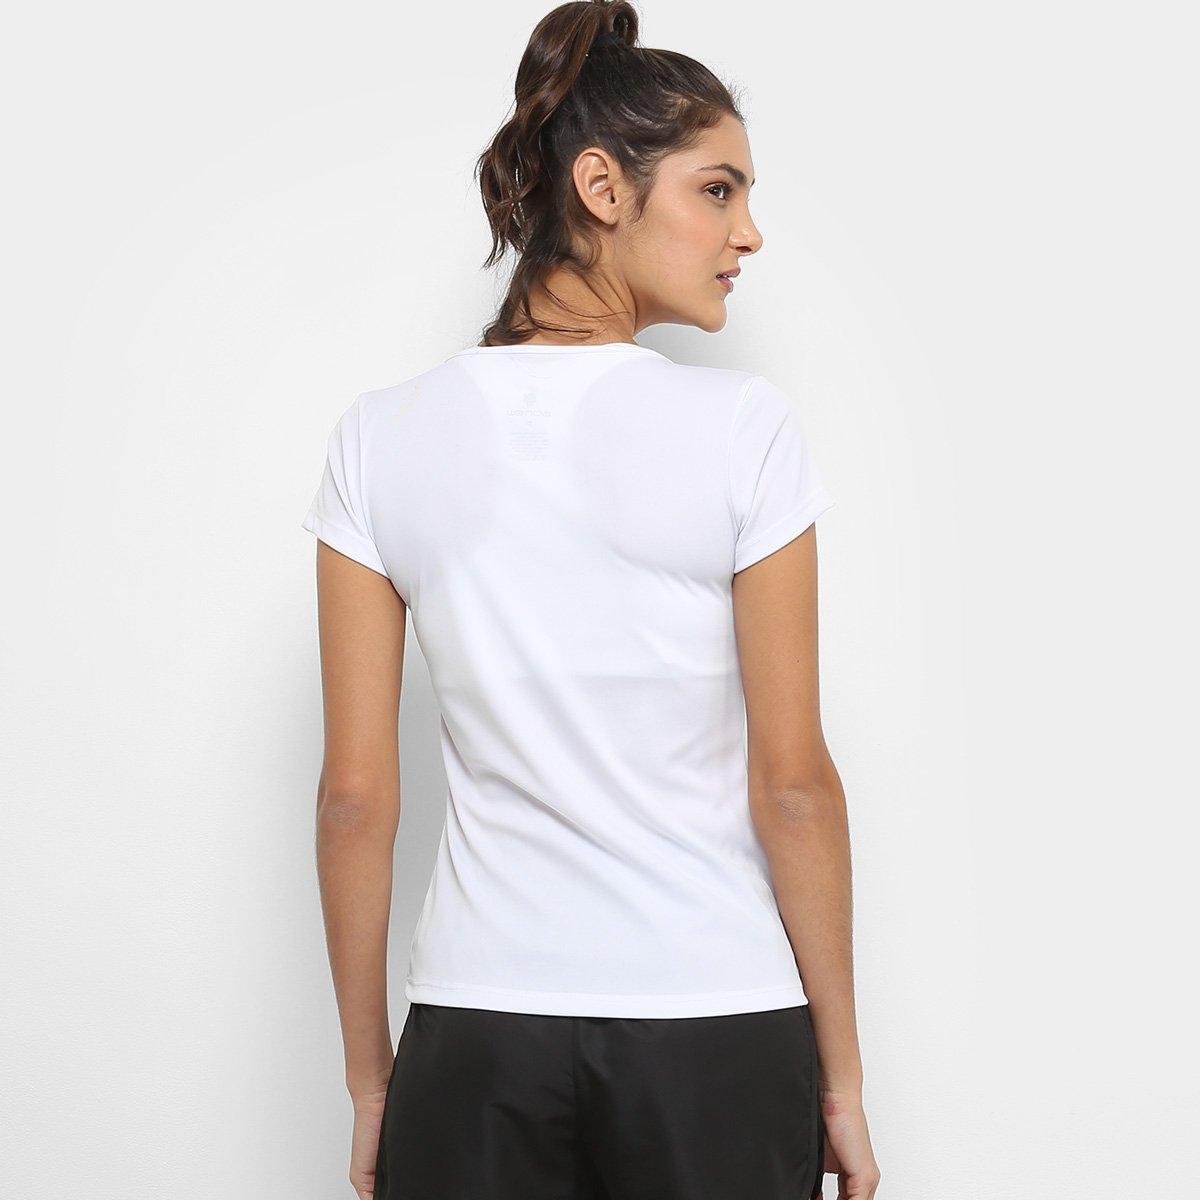 Básica Camiseta Gonew Branco Gonew Feminina Camiseta Básica Branco Camiseta Gonew Feminina 7fRwxA